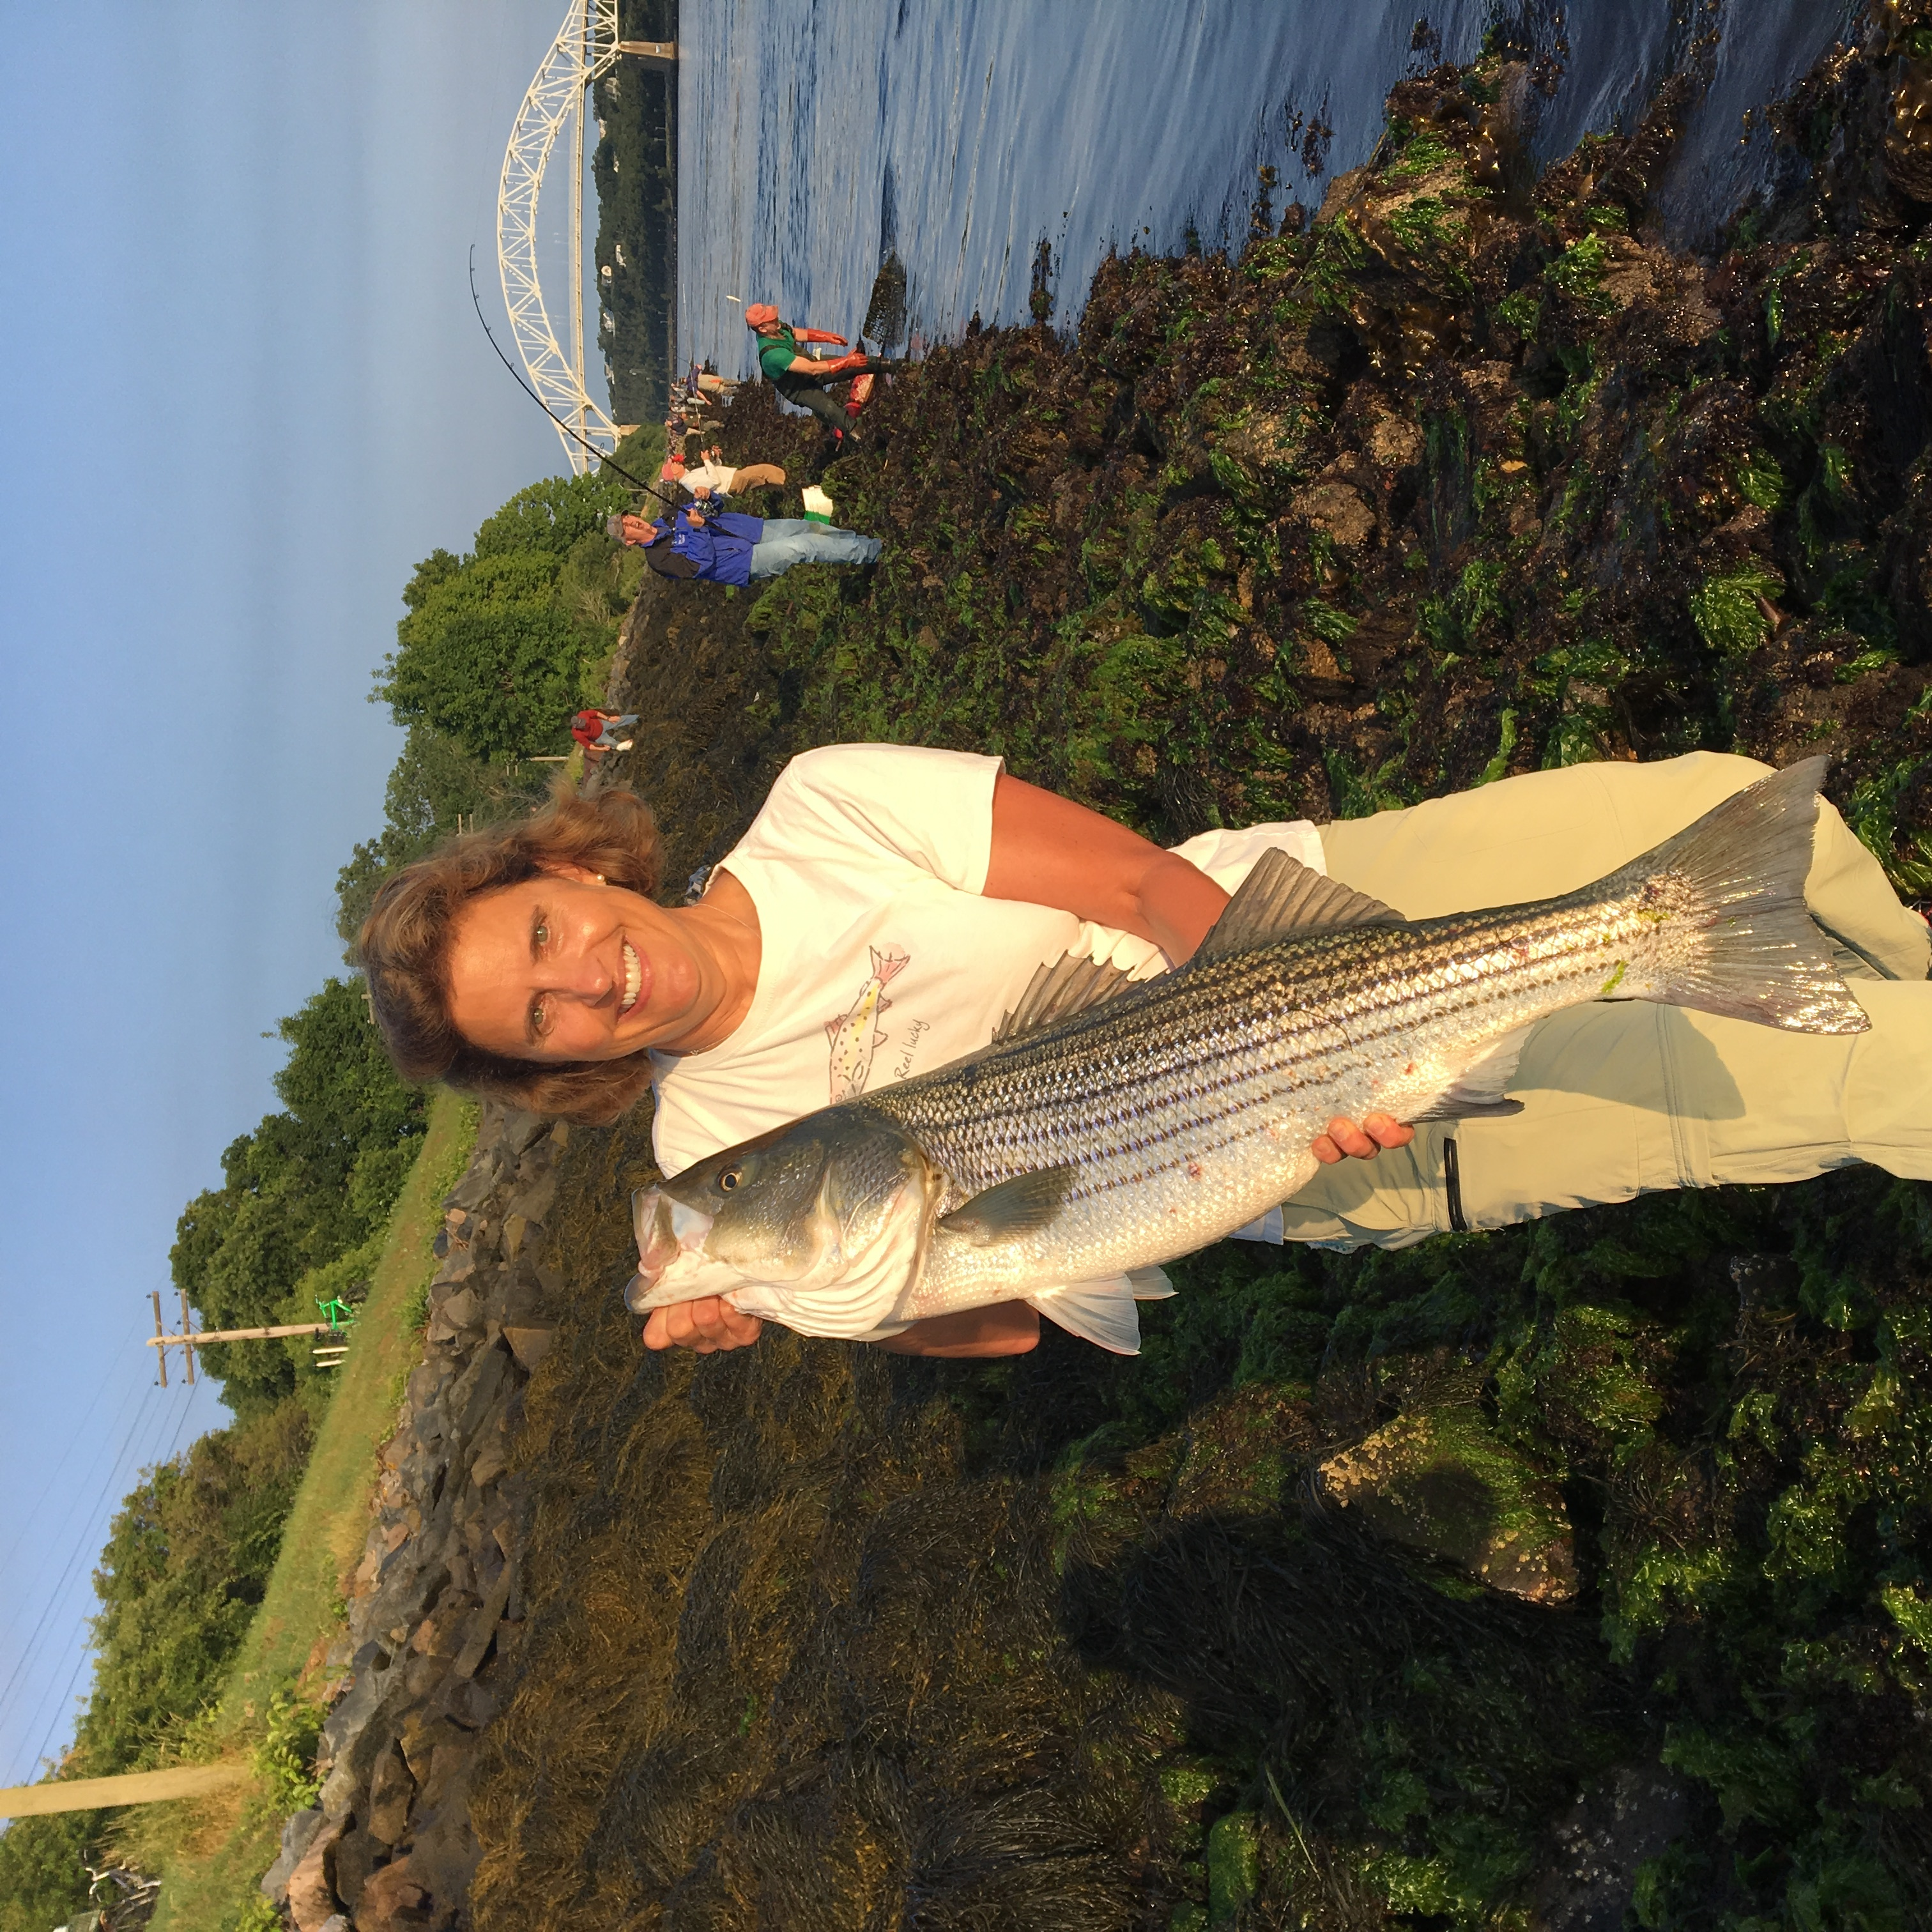 Beth fishing